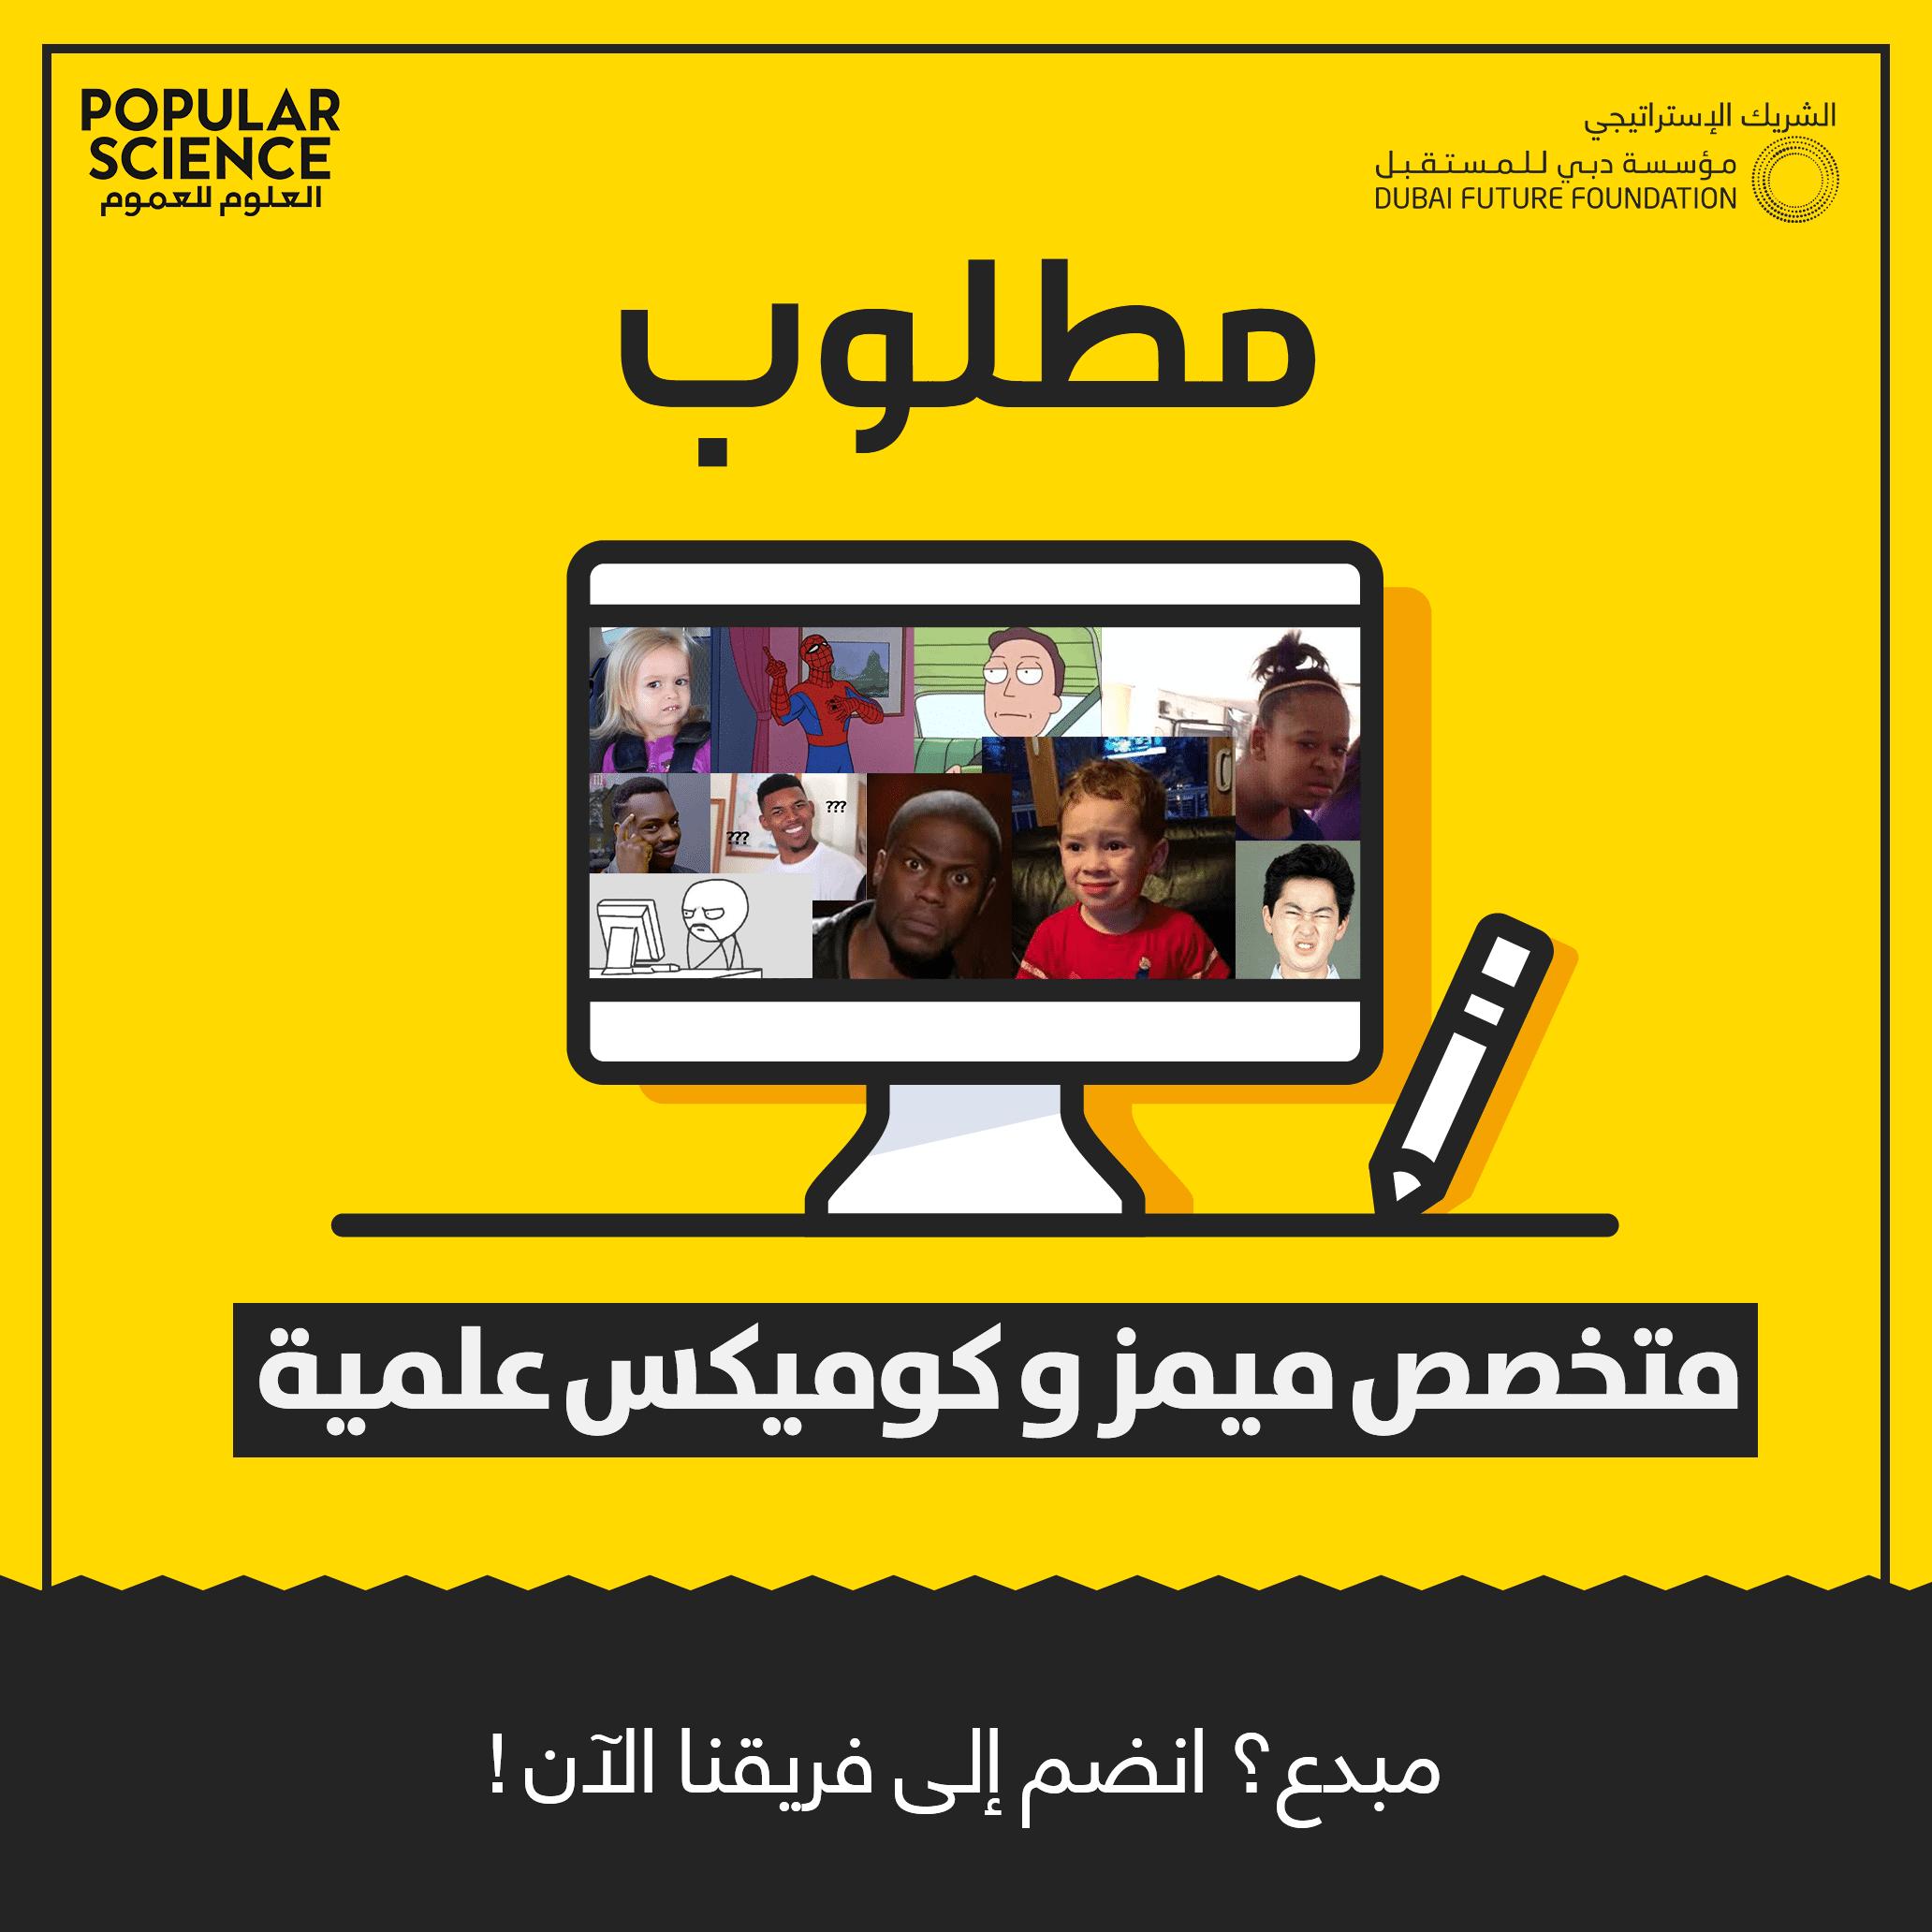 مطلوب متخصص ميمز وكوميكس علمية باللغة العربية